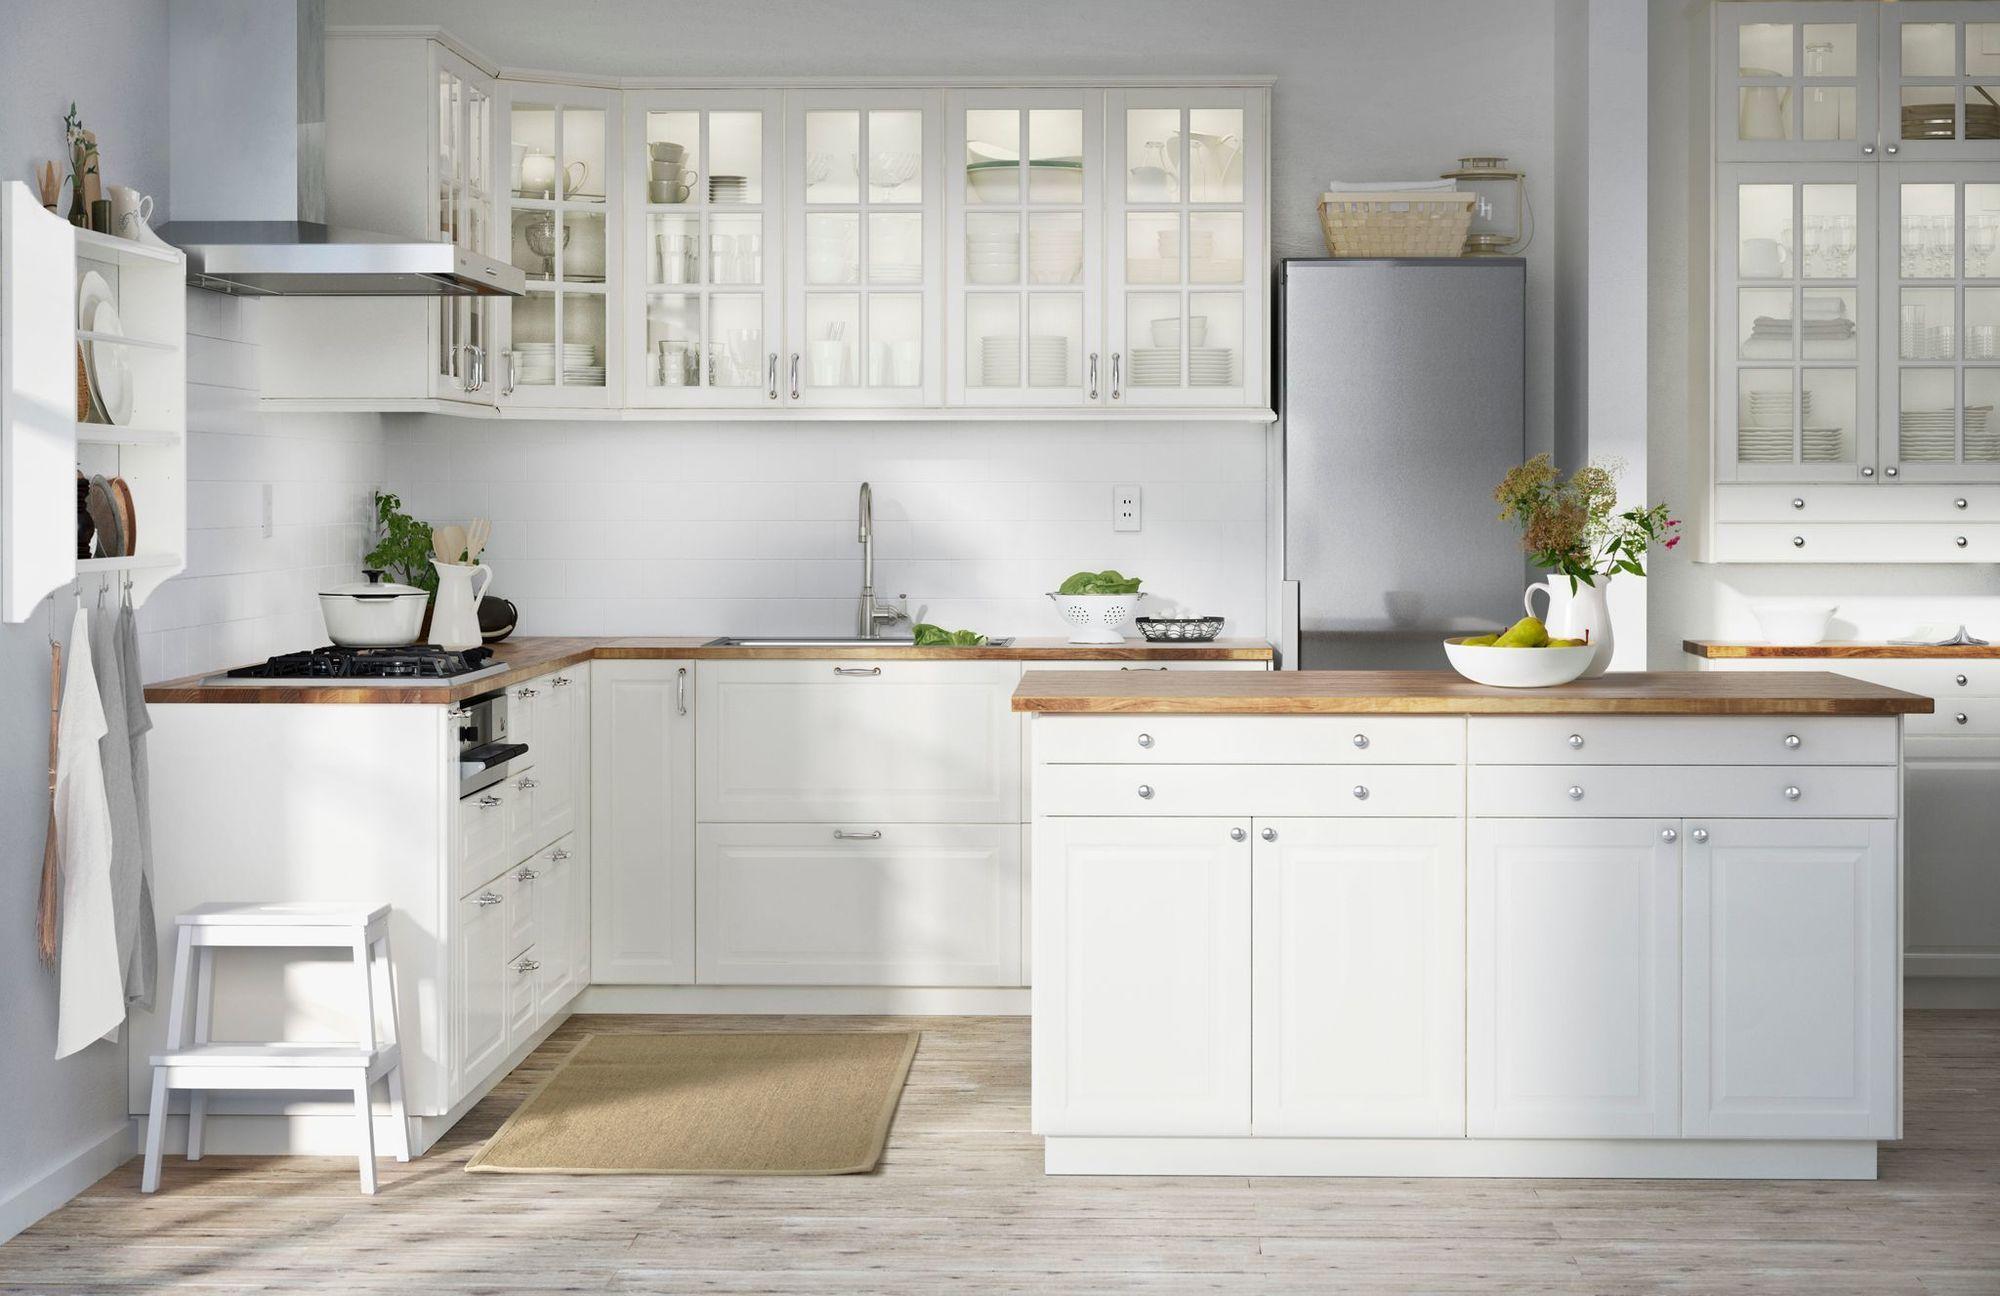 Cuisine Ikea Metod : les nouveautés en avant-première | Cucine ...